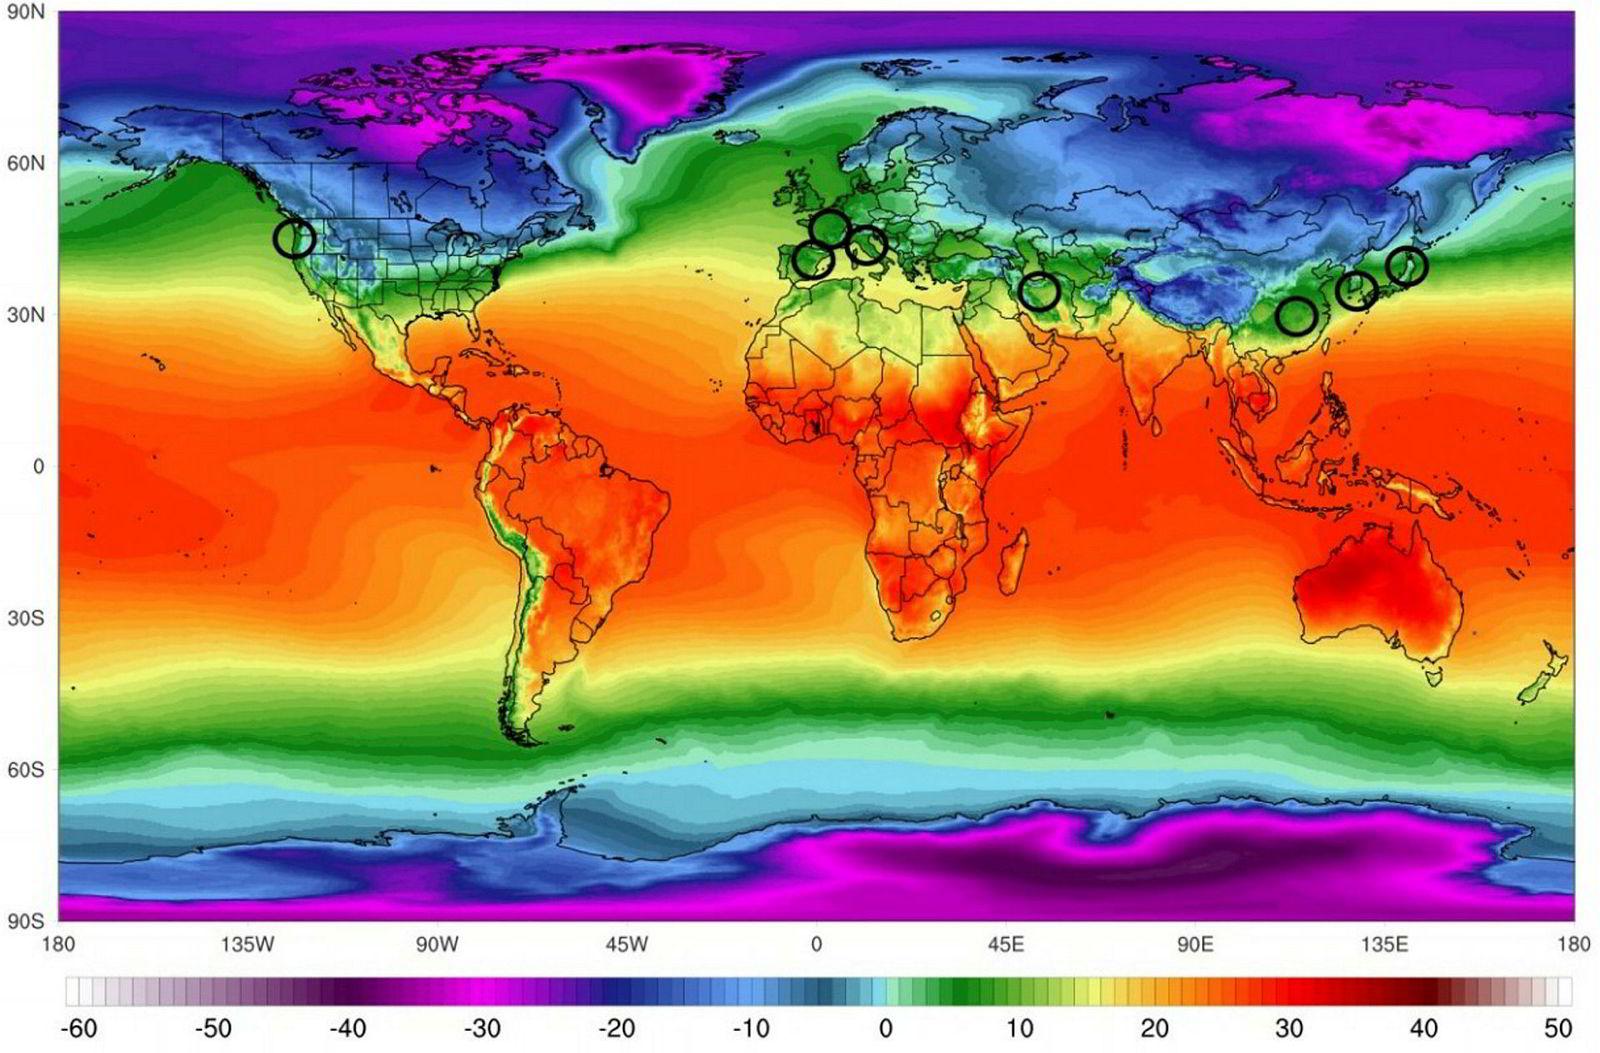 Klimaet kan avgjøre begrense spredningen av koronaviruset. Forskere forsøker å få svar på om høy temperatur og høy luftfuktighet bremser spredningen av koronaviruset. De største utbruddene har skjedd langs et belte nord for 22,5 grader nord – fra Japan, Sør-Korea og Kina i Asia, via Iran, Italia og til USA (avmerket).